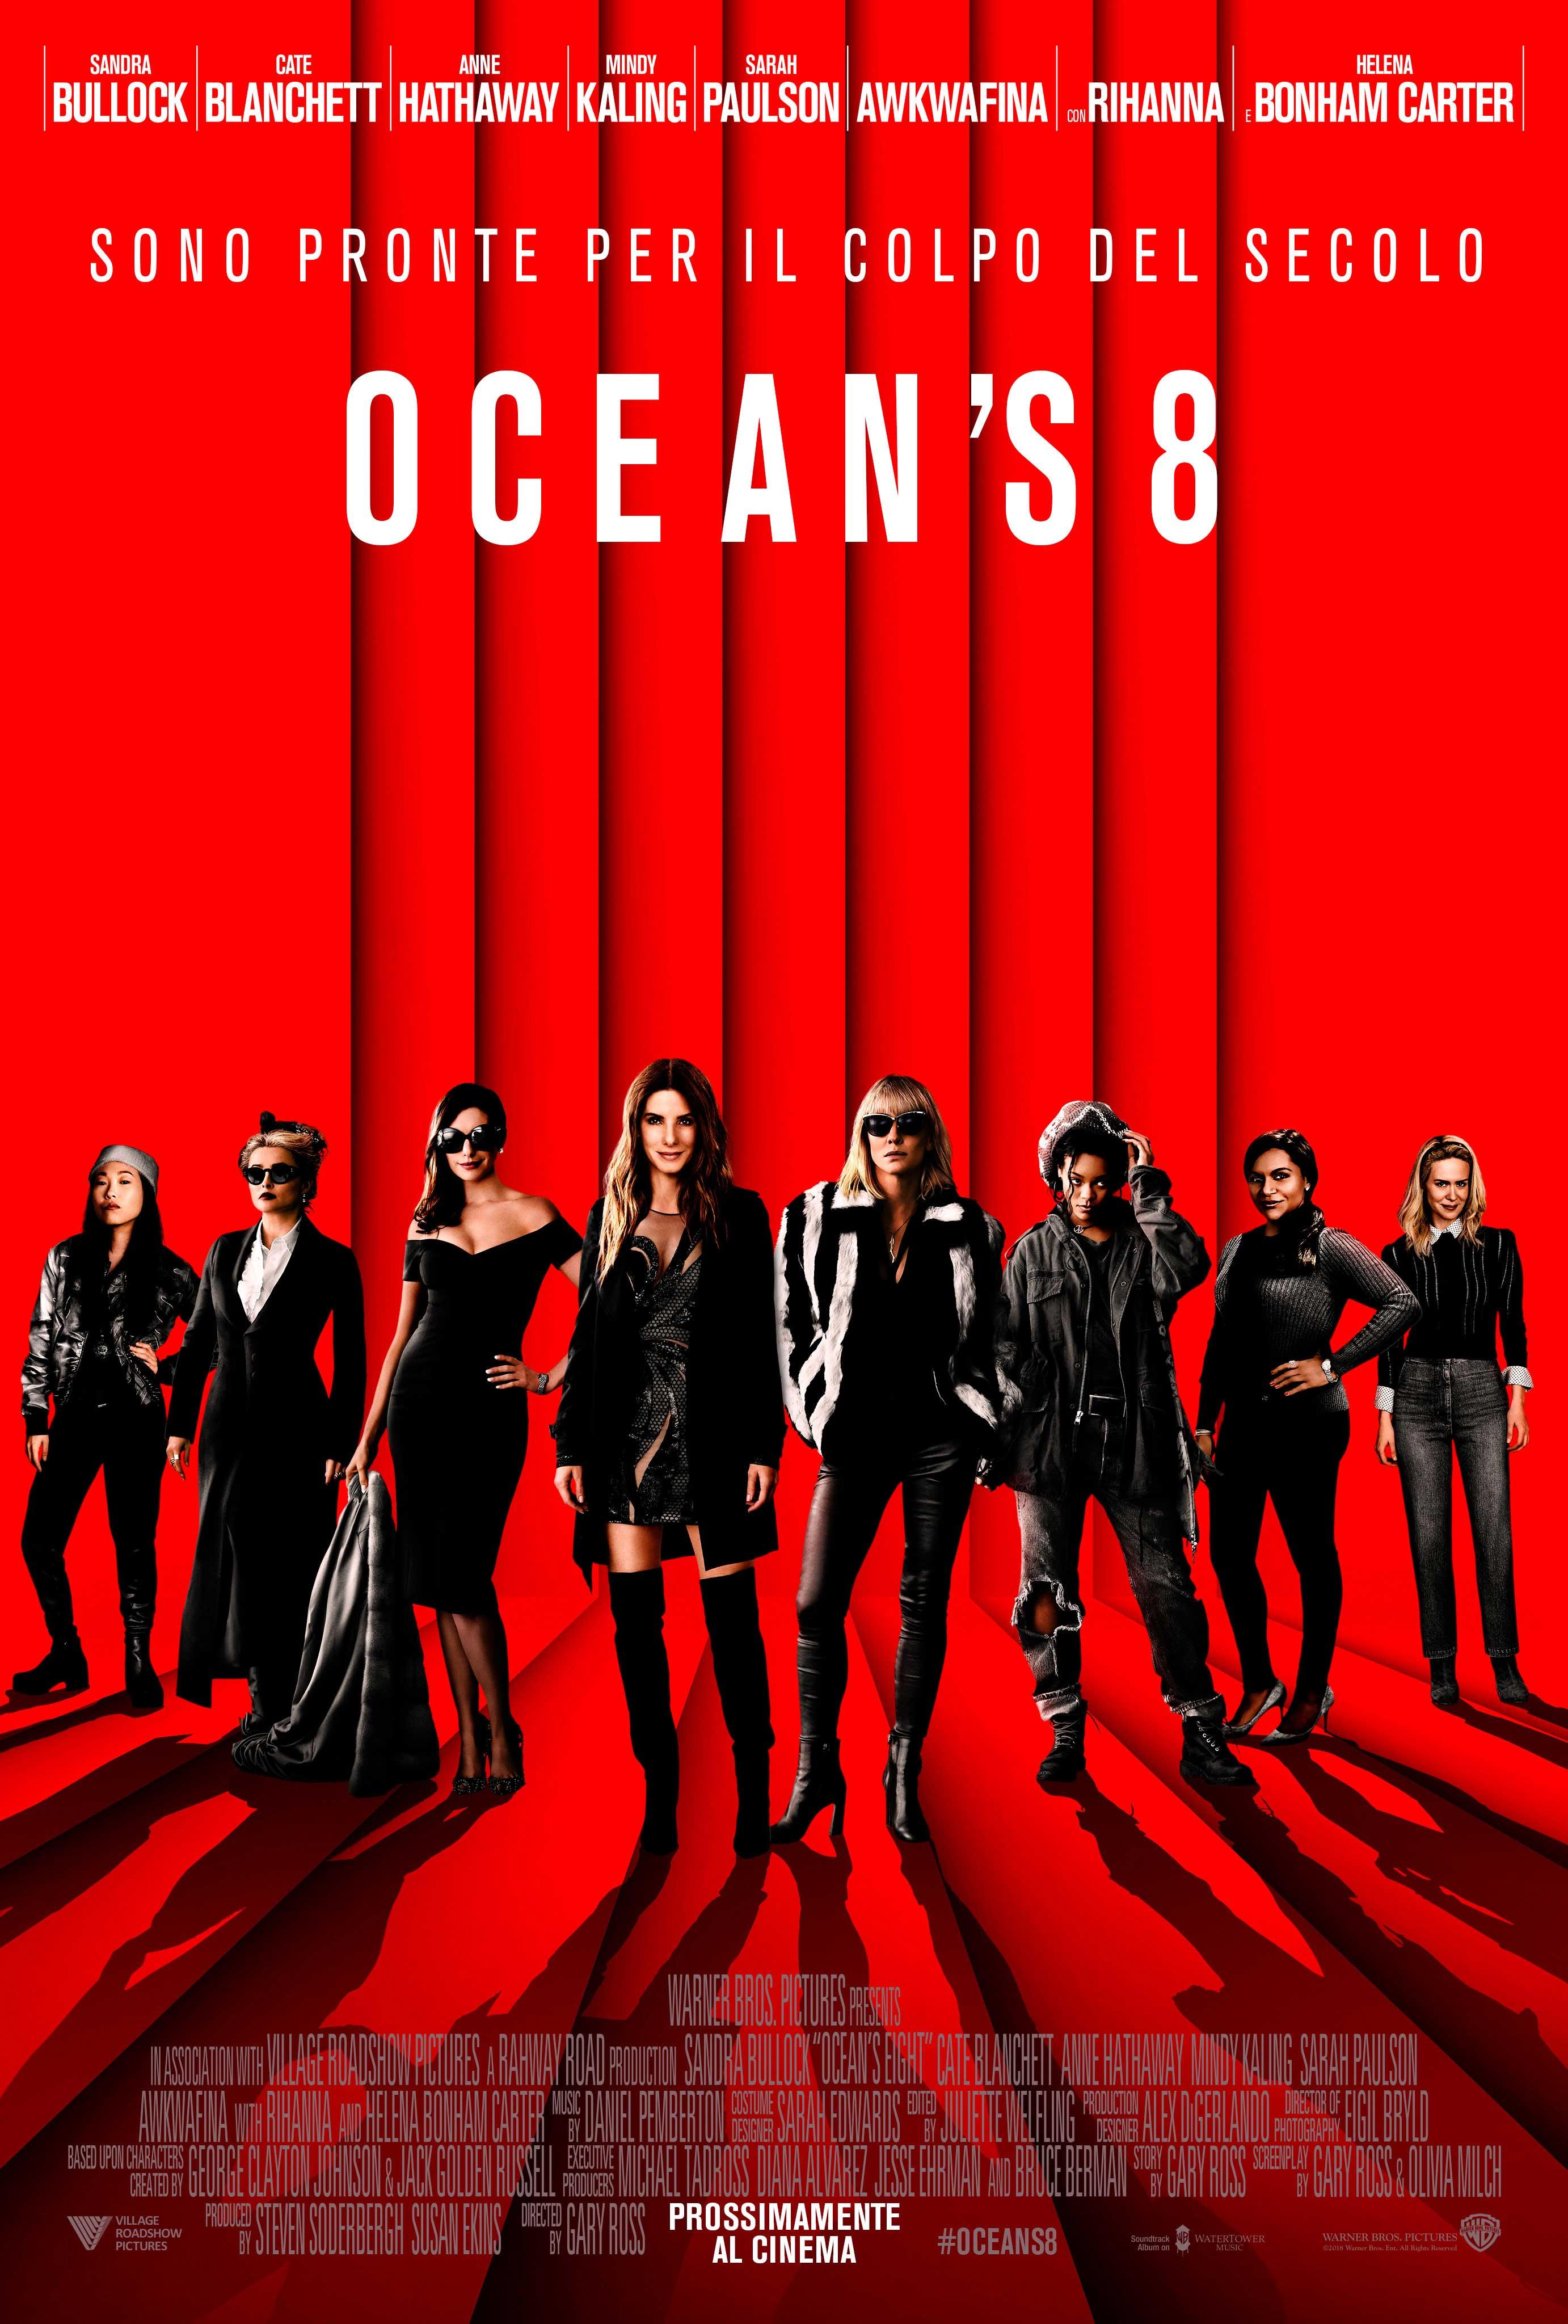 OCEAN'S 8 - Poster Ufficiale Italiano del Film